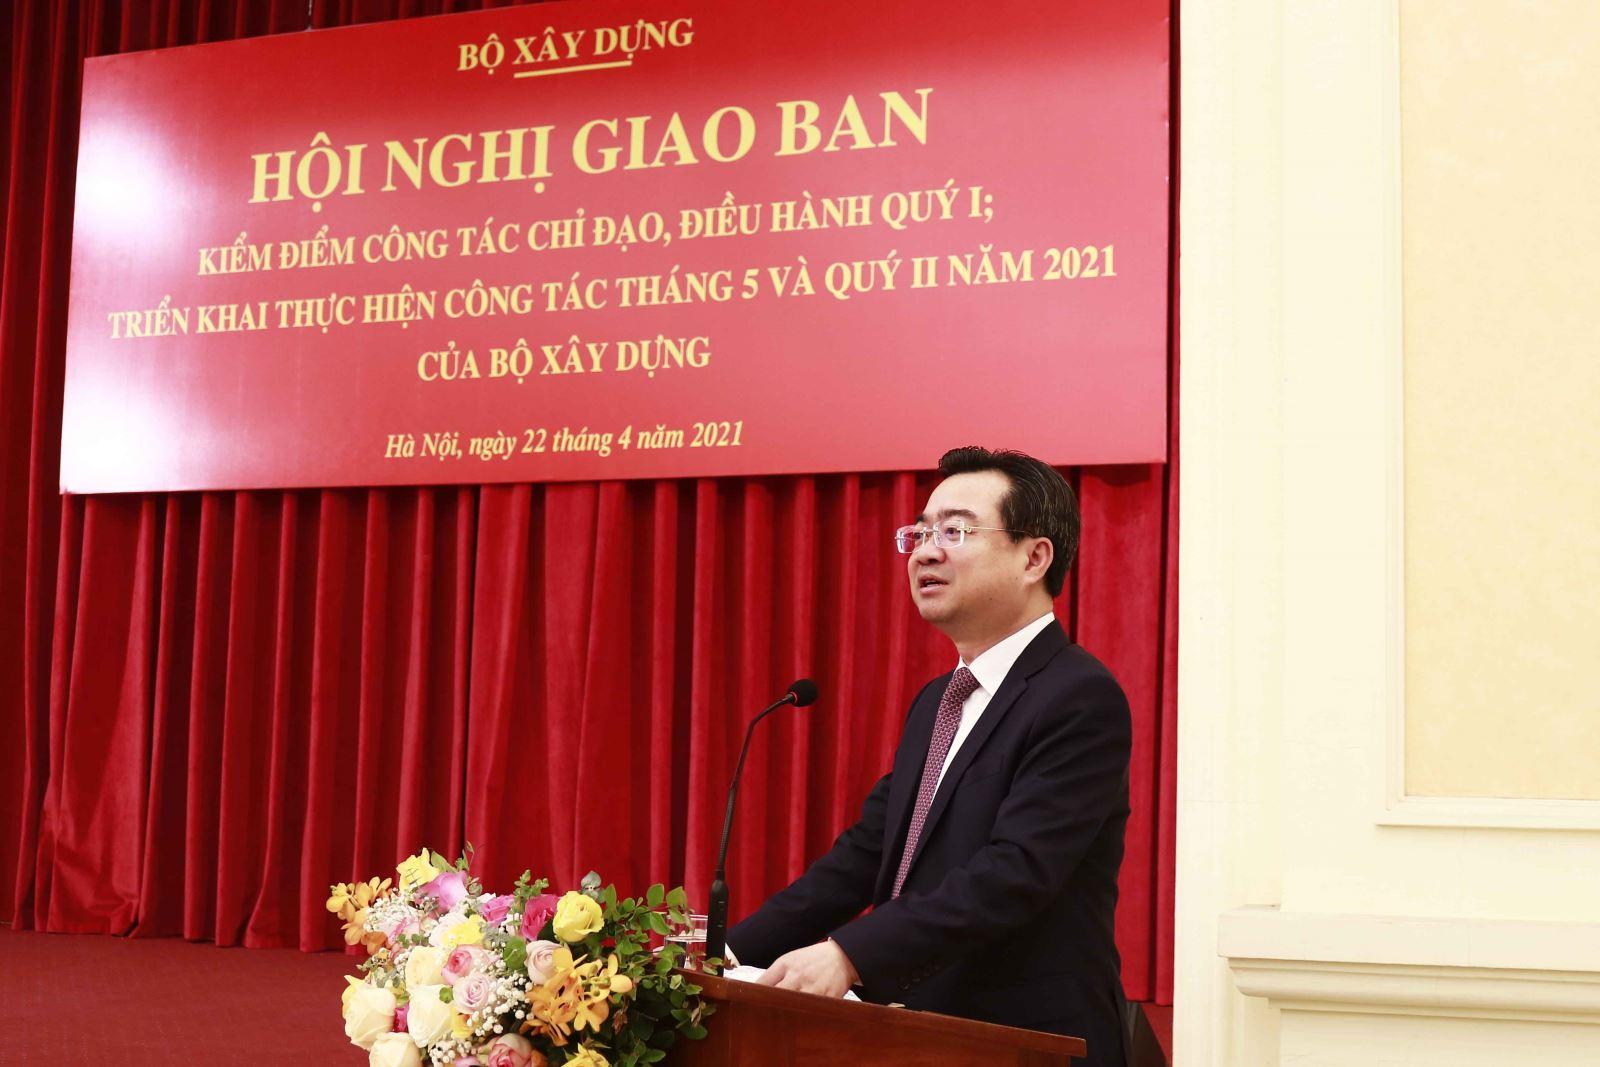 Bộ trưởng Nguyễn Thanh Nghị phát biểu tại Hội nghị